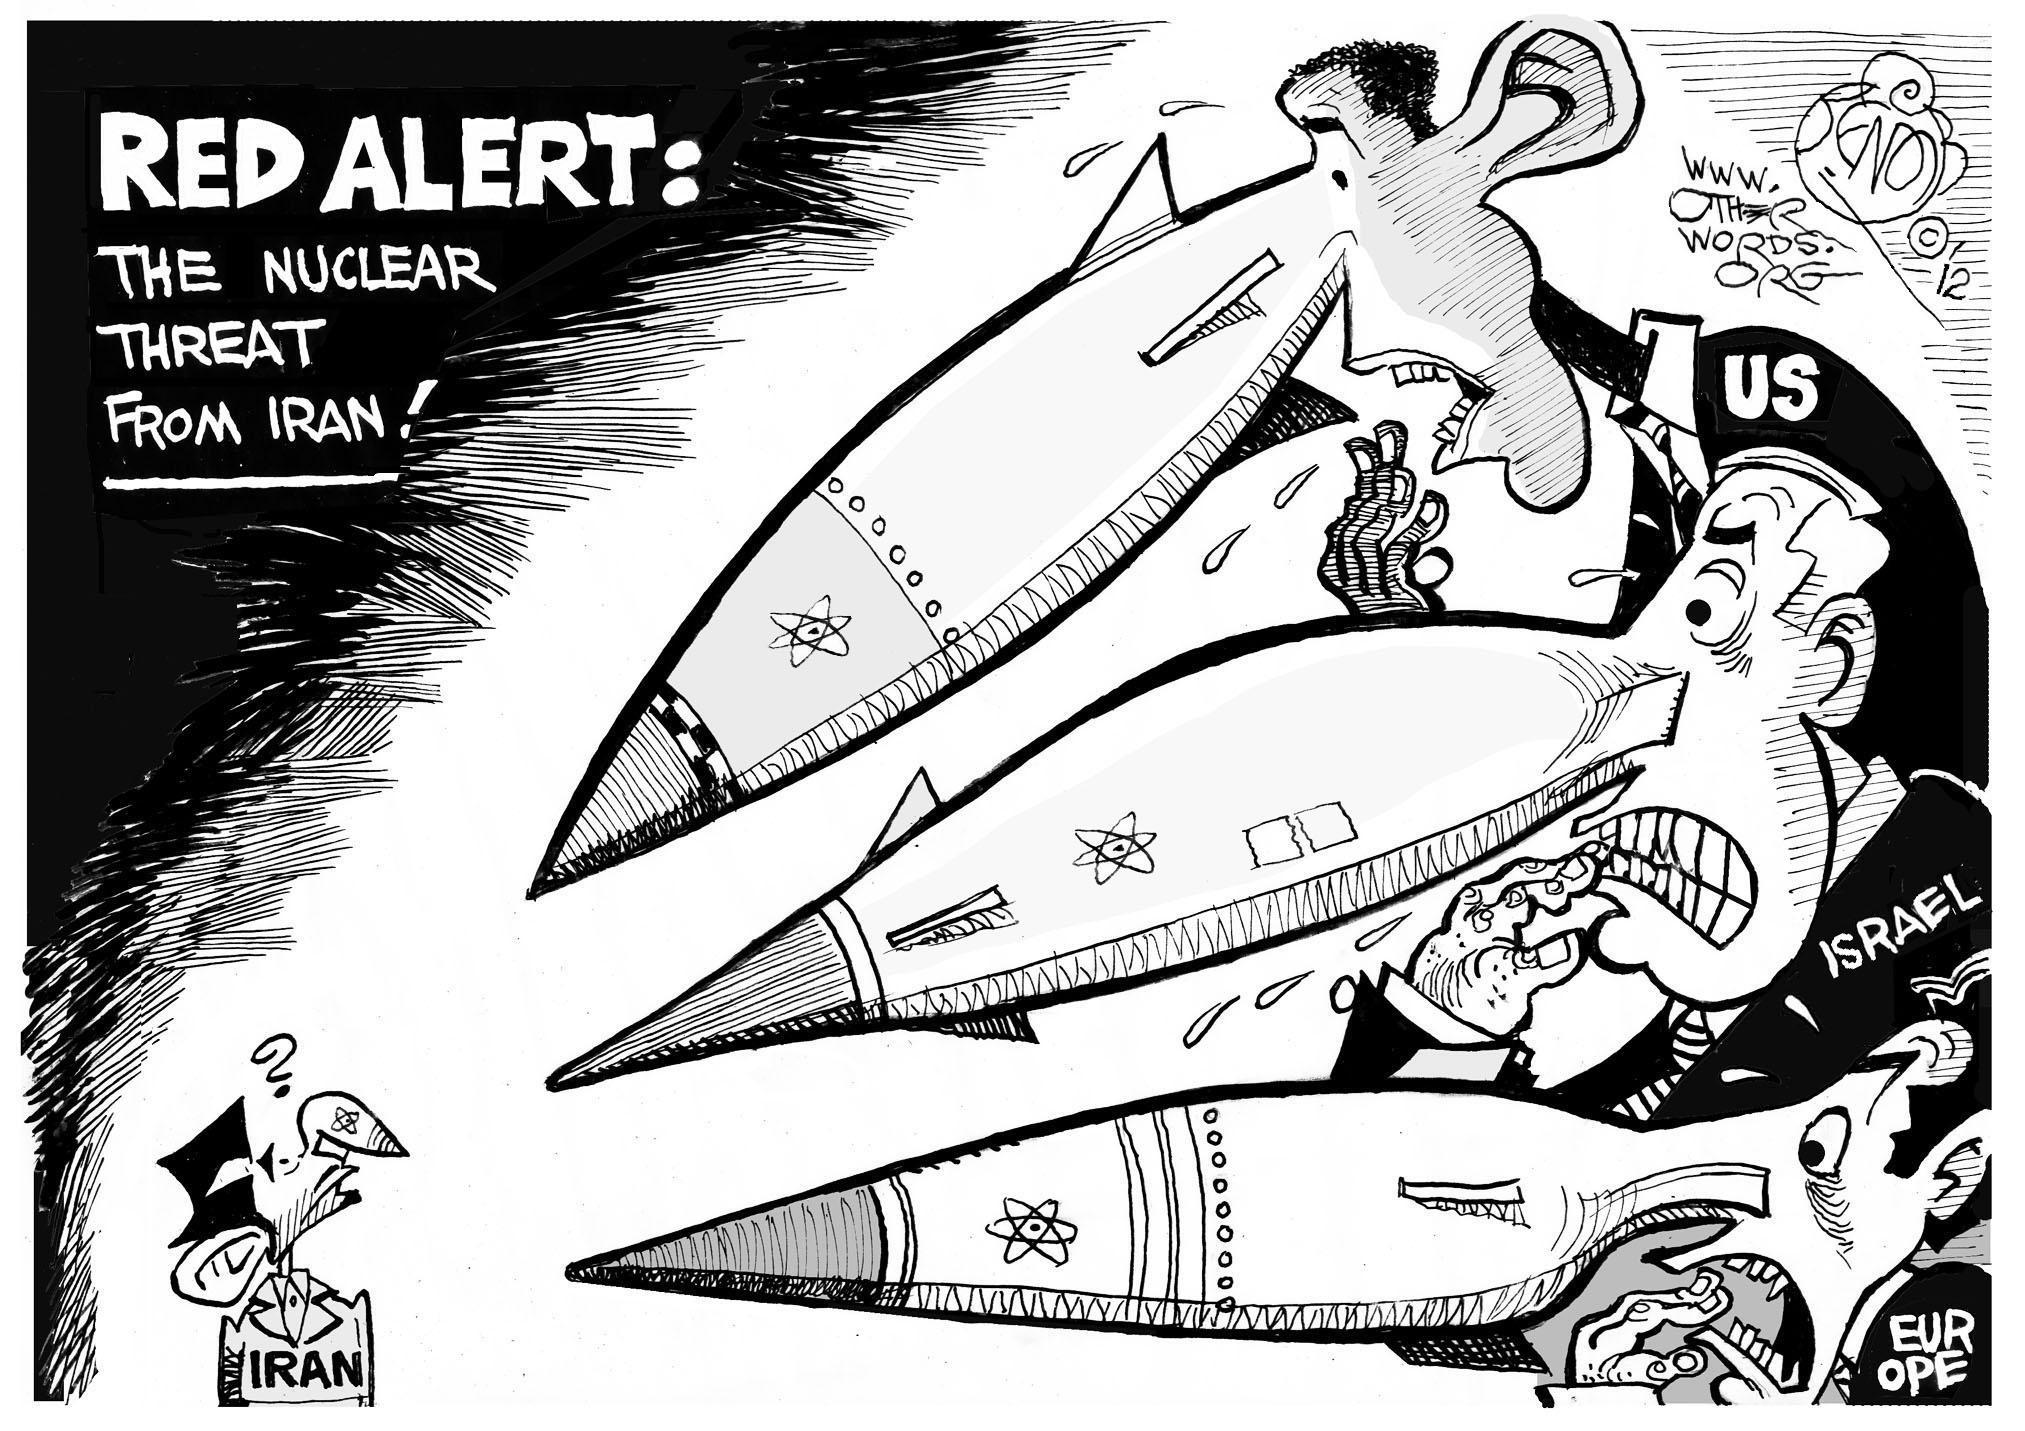 Washington's Strange Nuclear Bedfellows